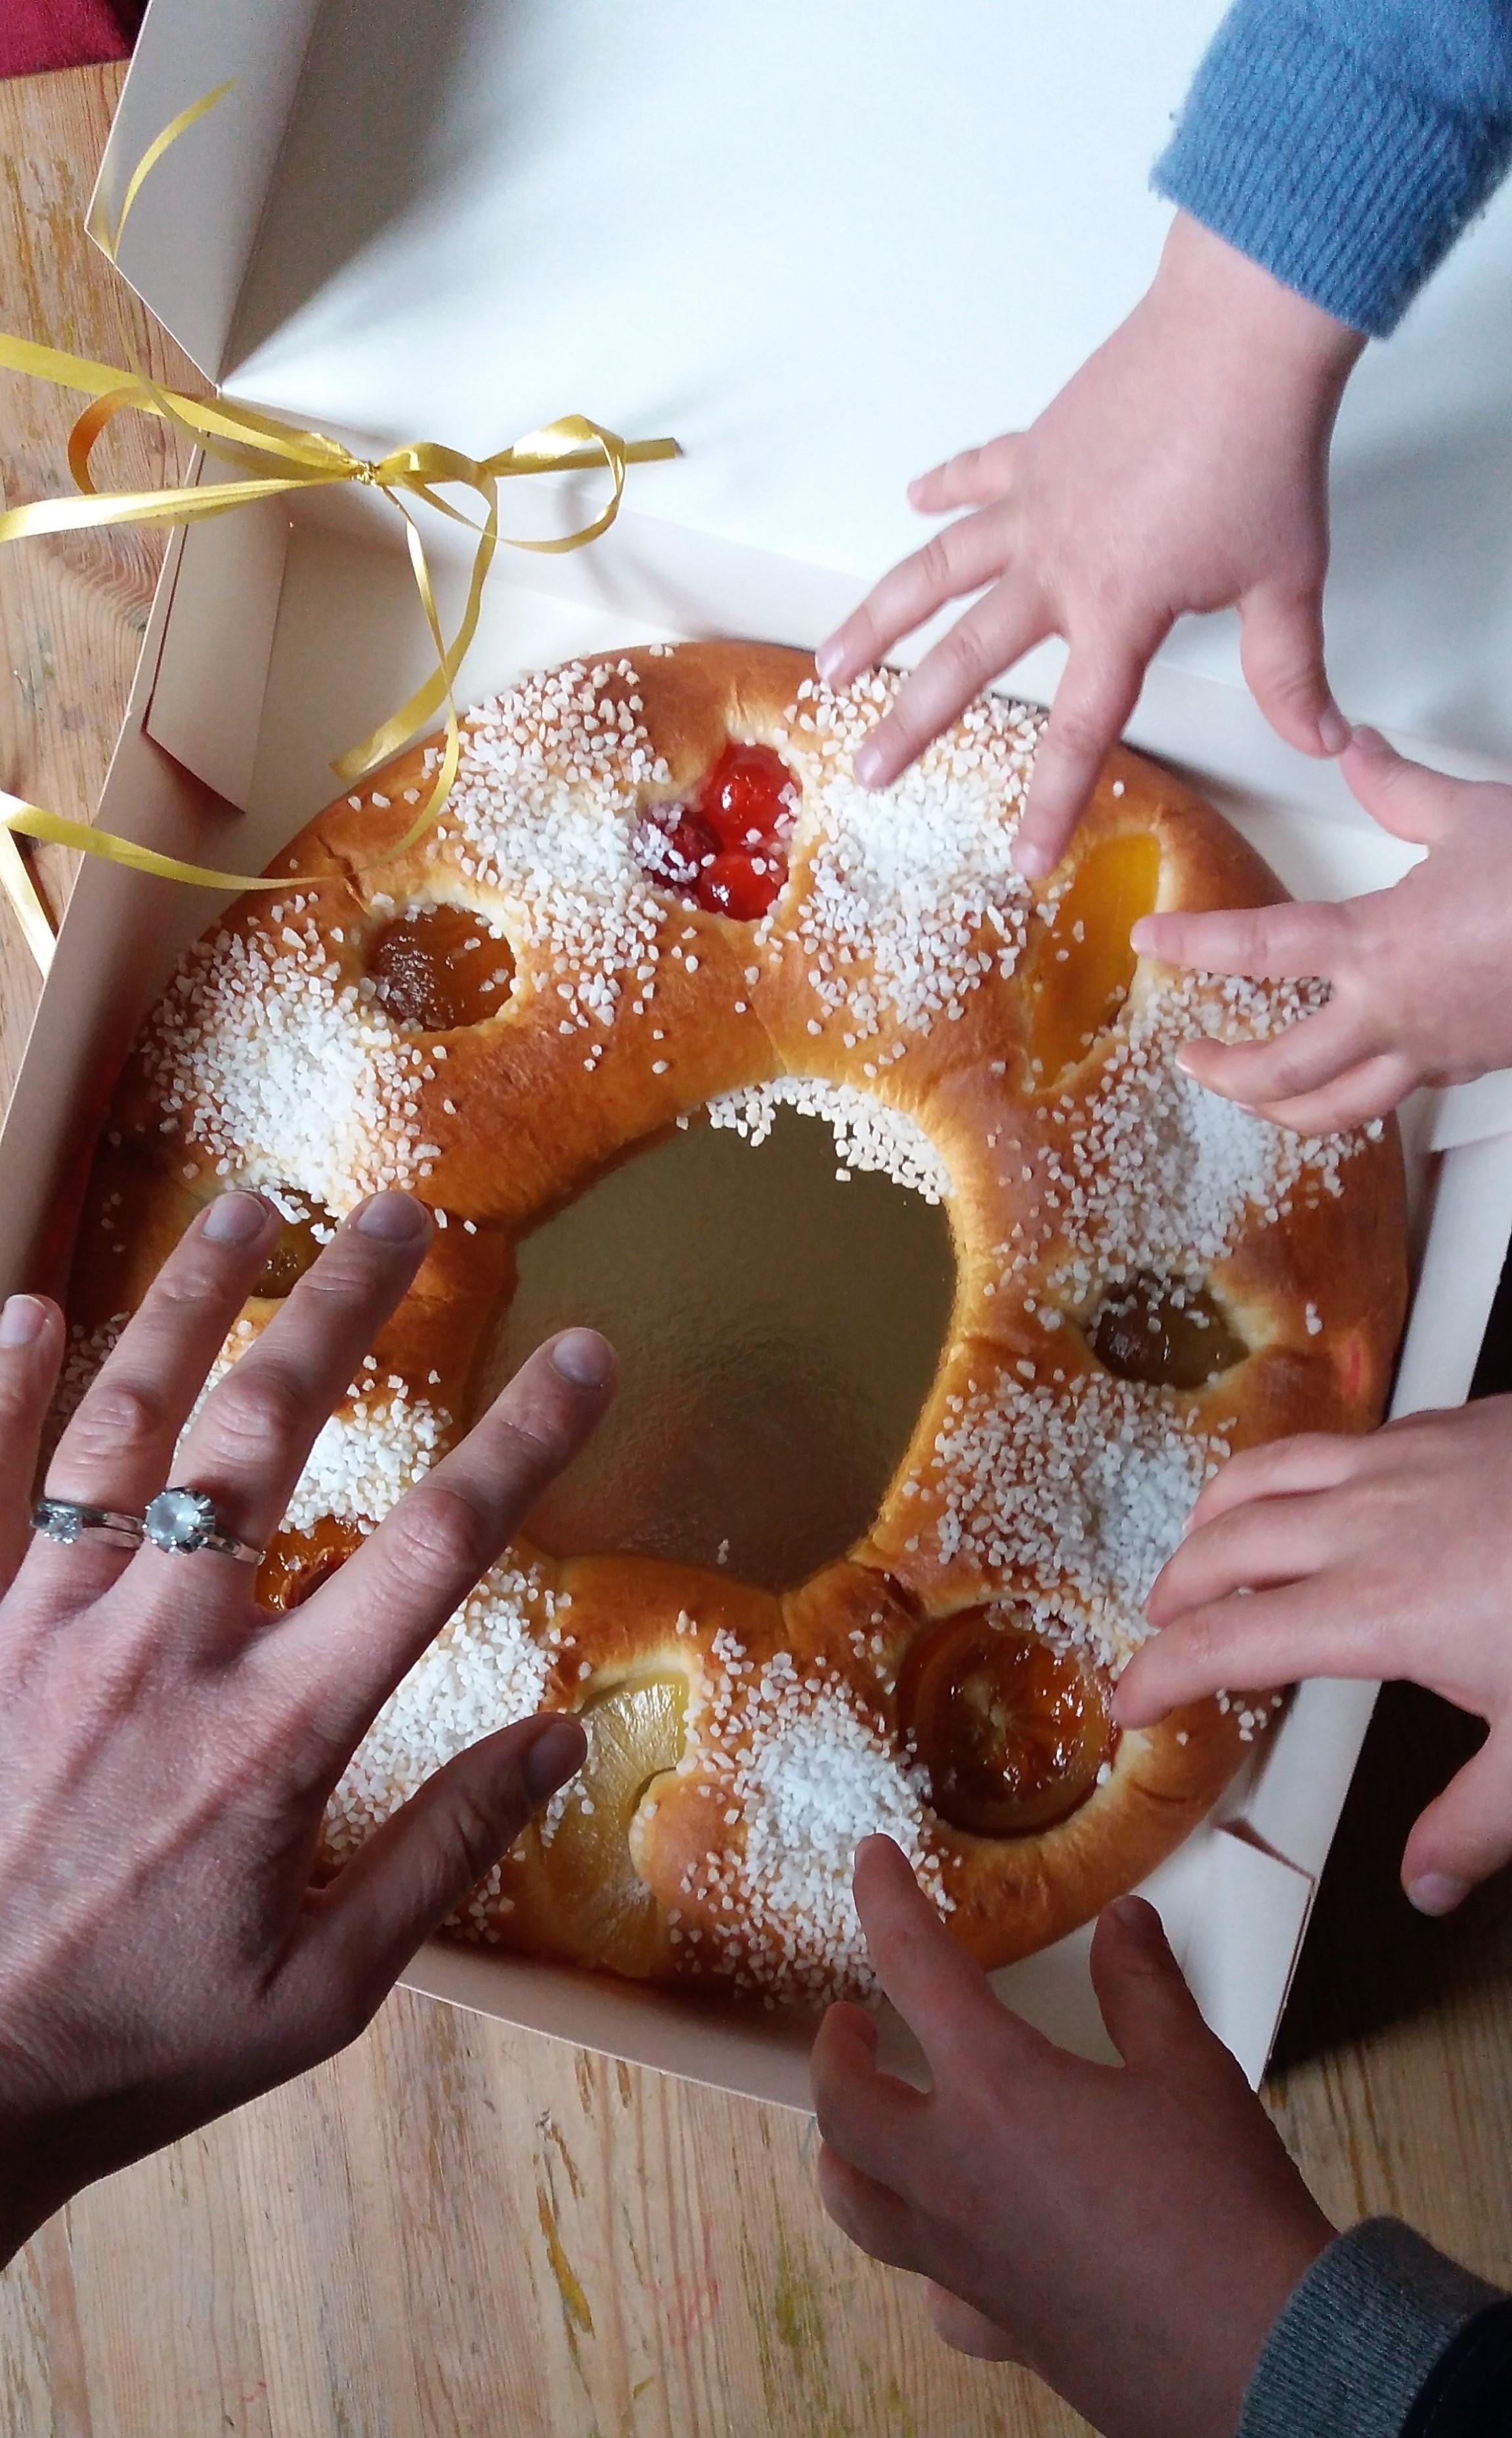 couronne galette des rois béchard patisserie aix en provence fruits confits